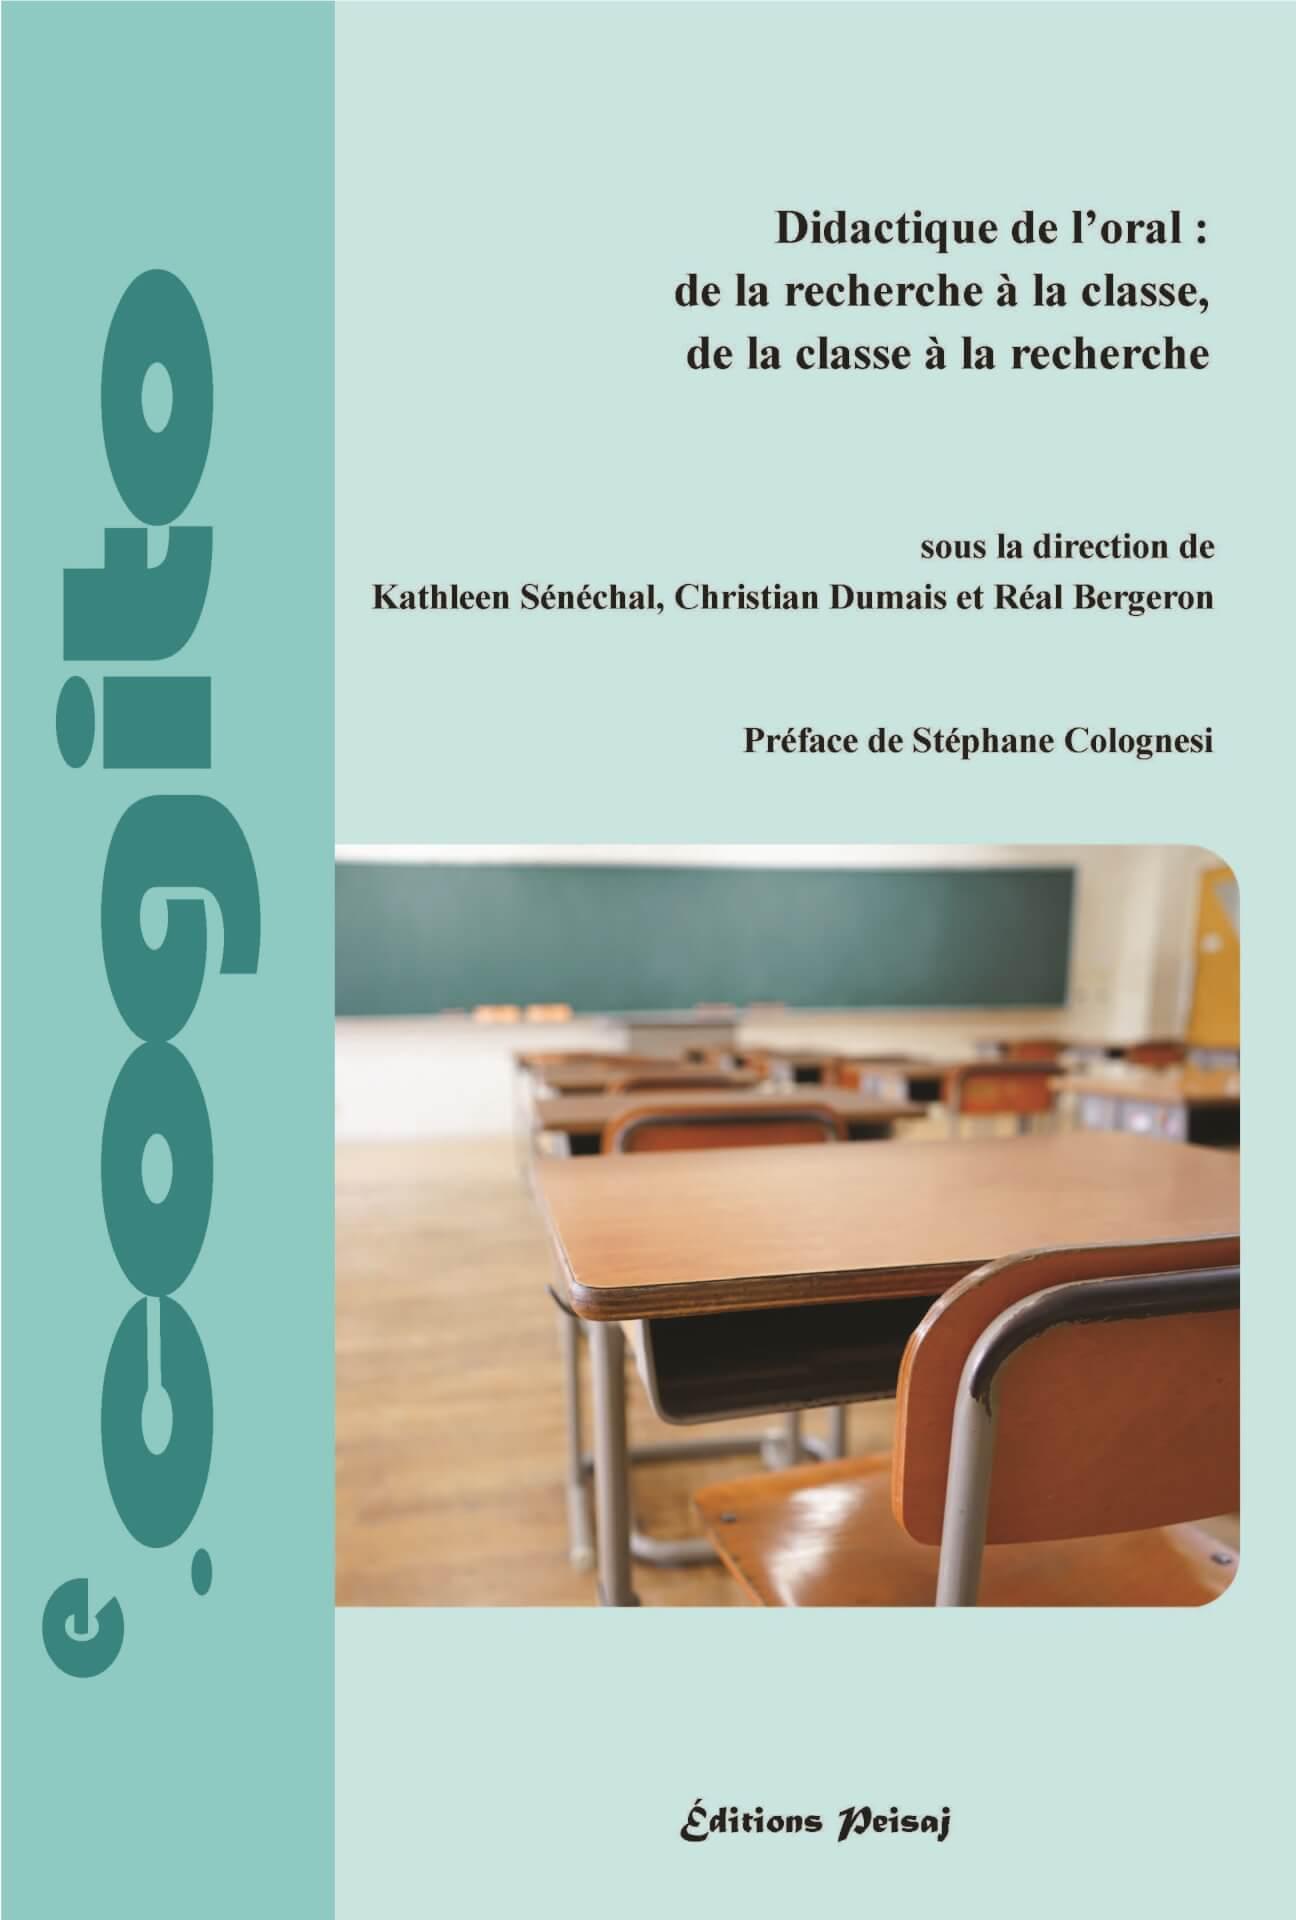 Didactique de l'oral: de la recherche à la classe, de la classe à la recherche